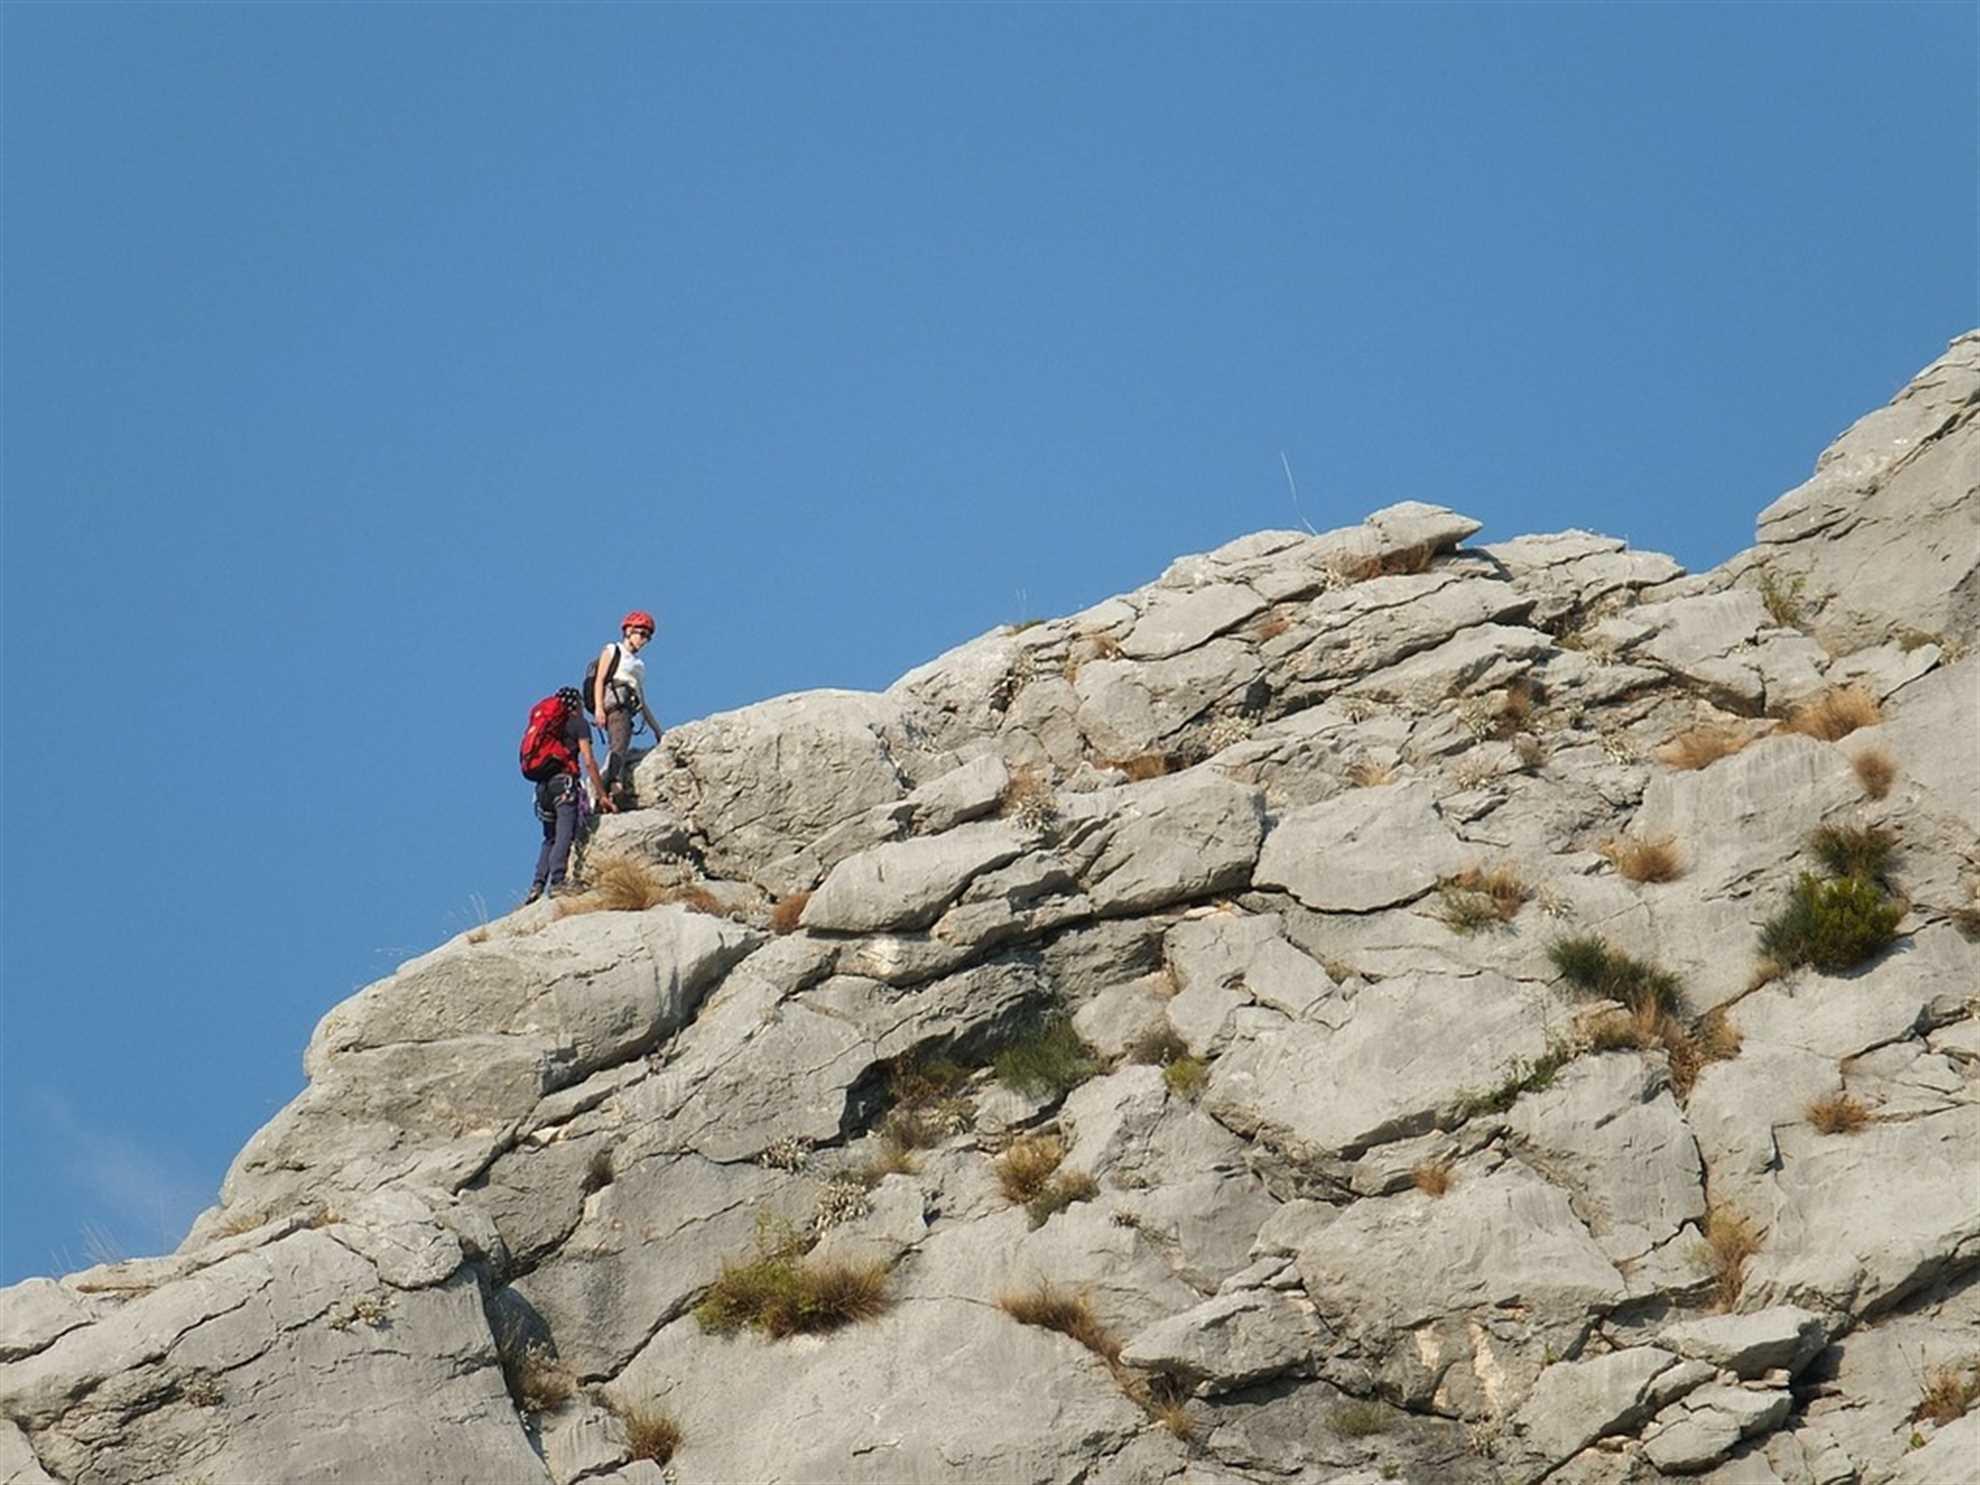 Climbing Crag in Omis